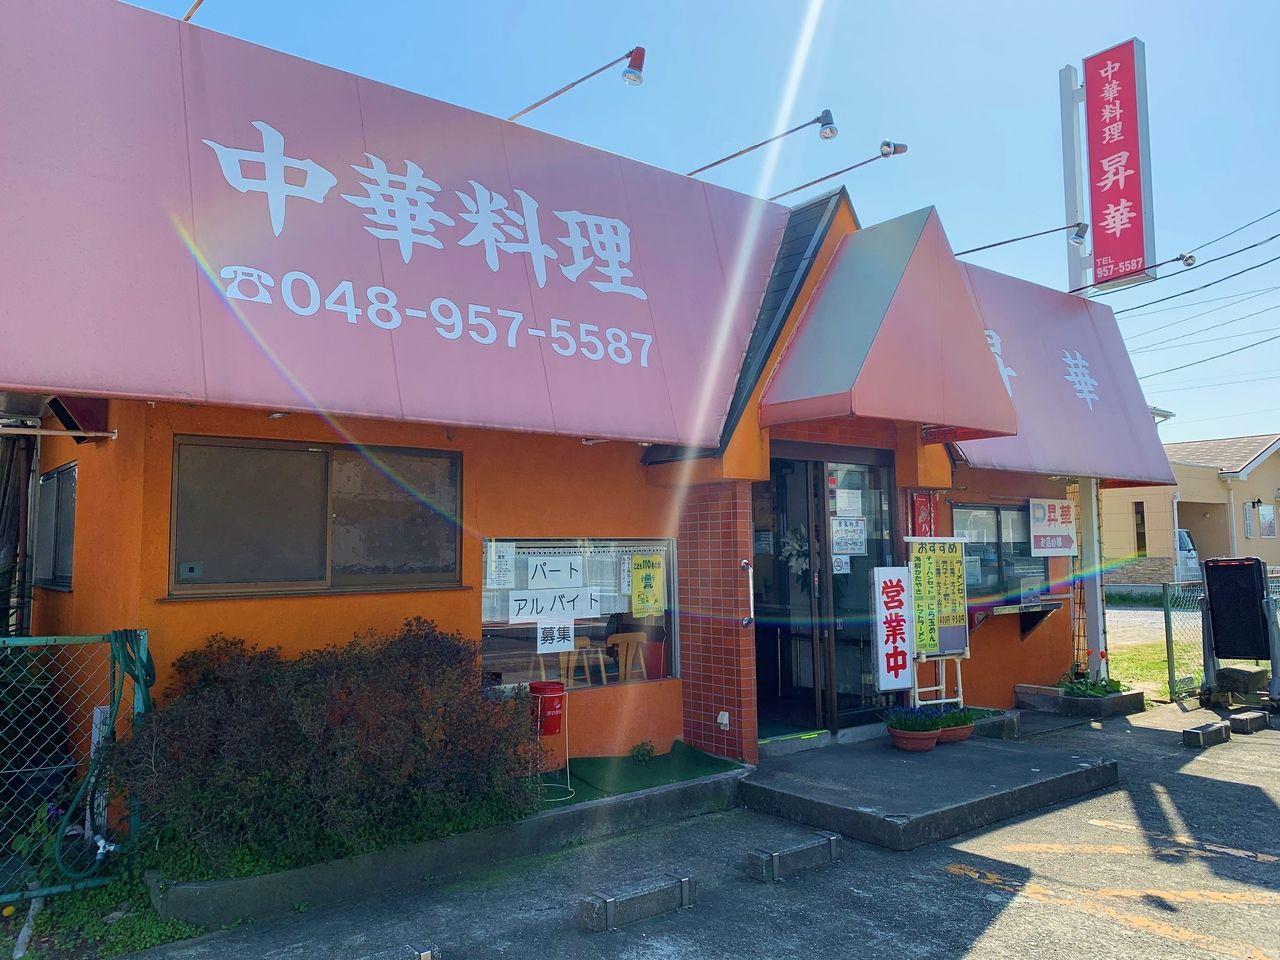 【三郷市食べ歩きブログ】三郷市彦成3丁目の中華料理「昇華」に行ってきました!